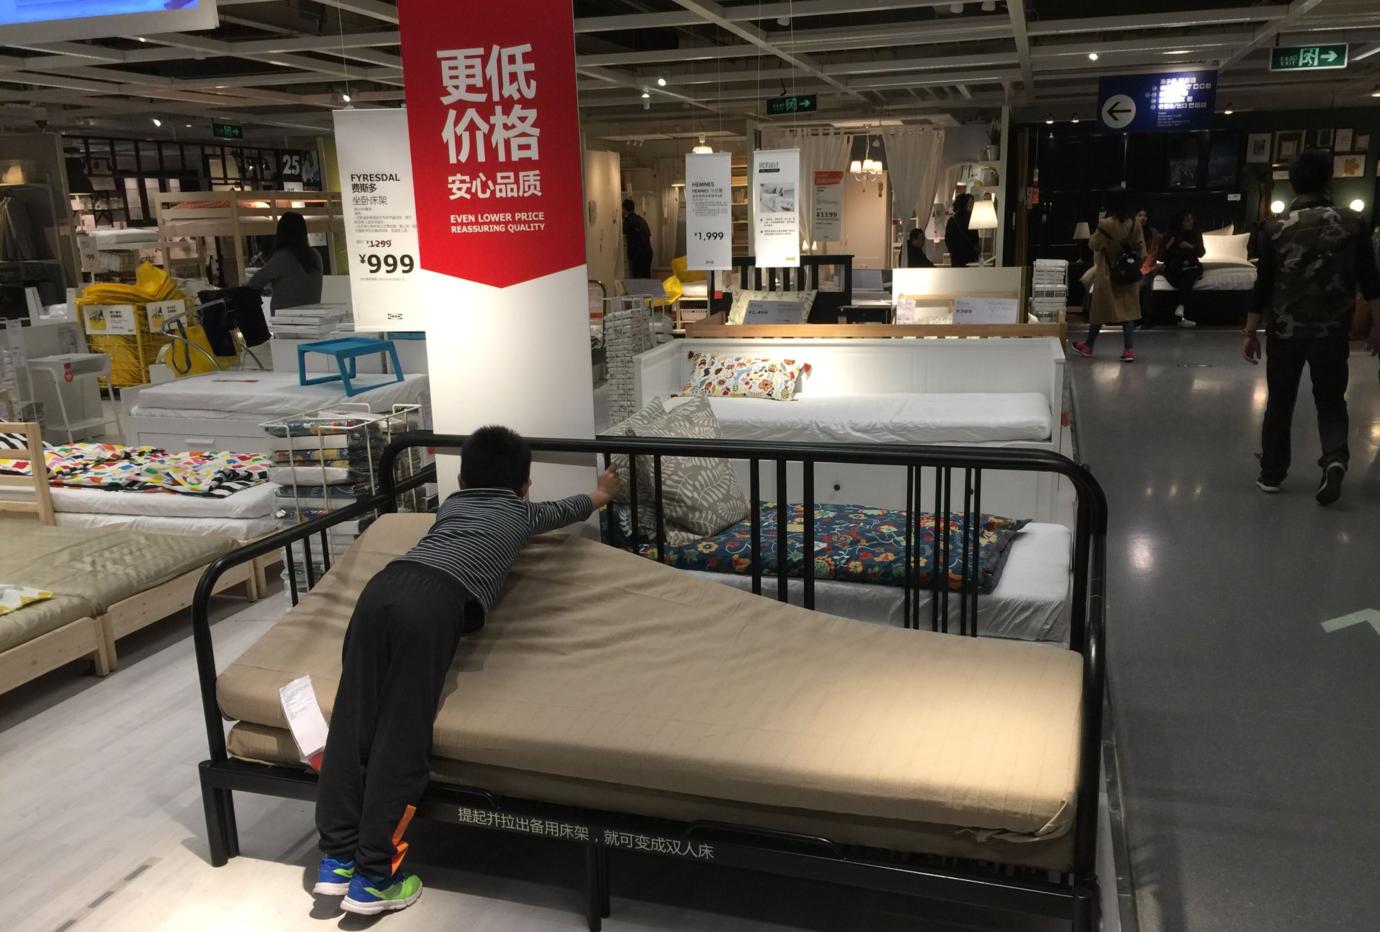 ikea. krzesło łóżka. w ramach krajowych podwójne łóżko.